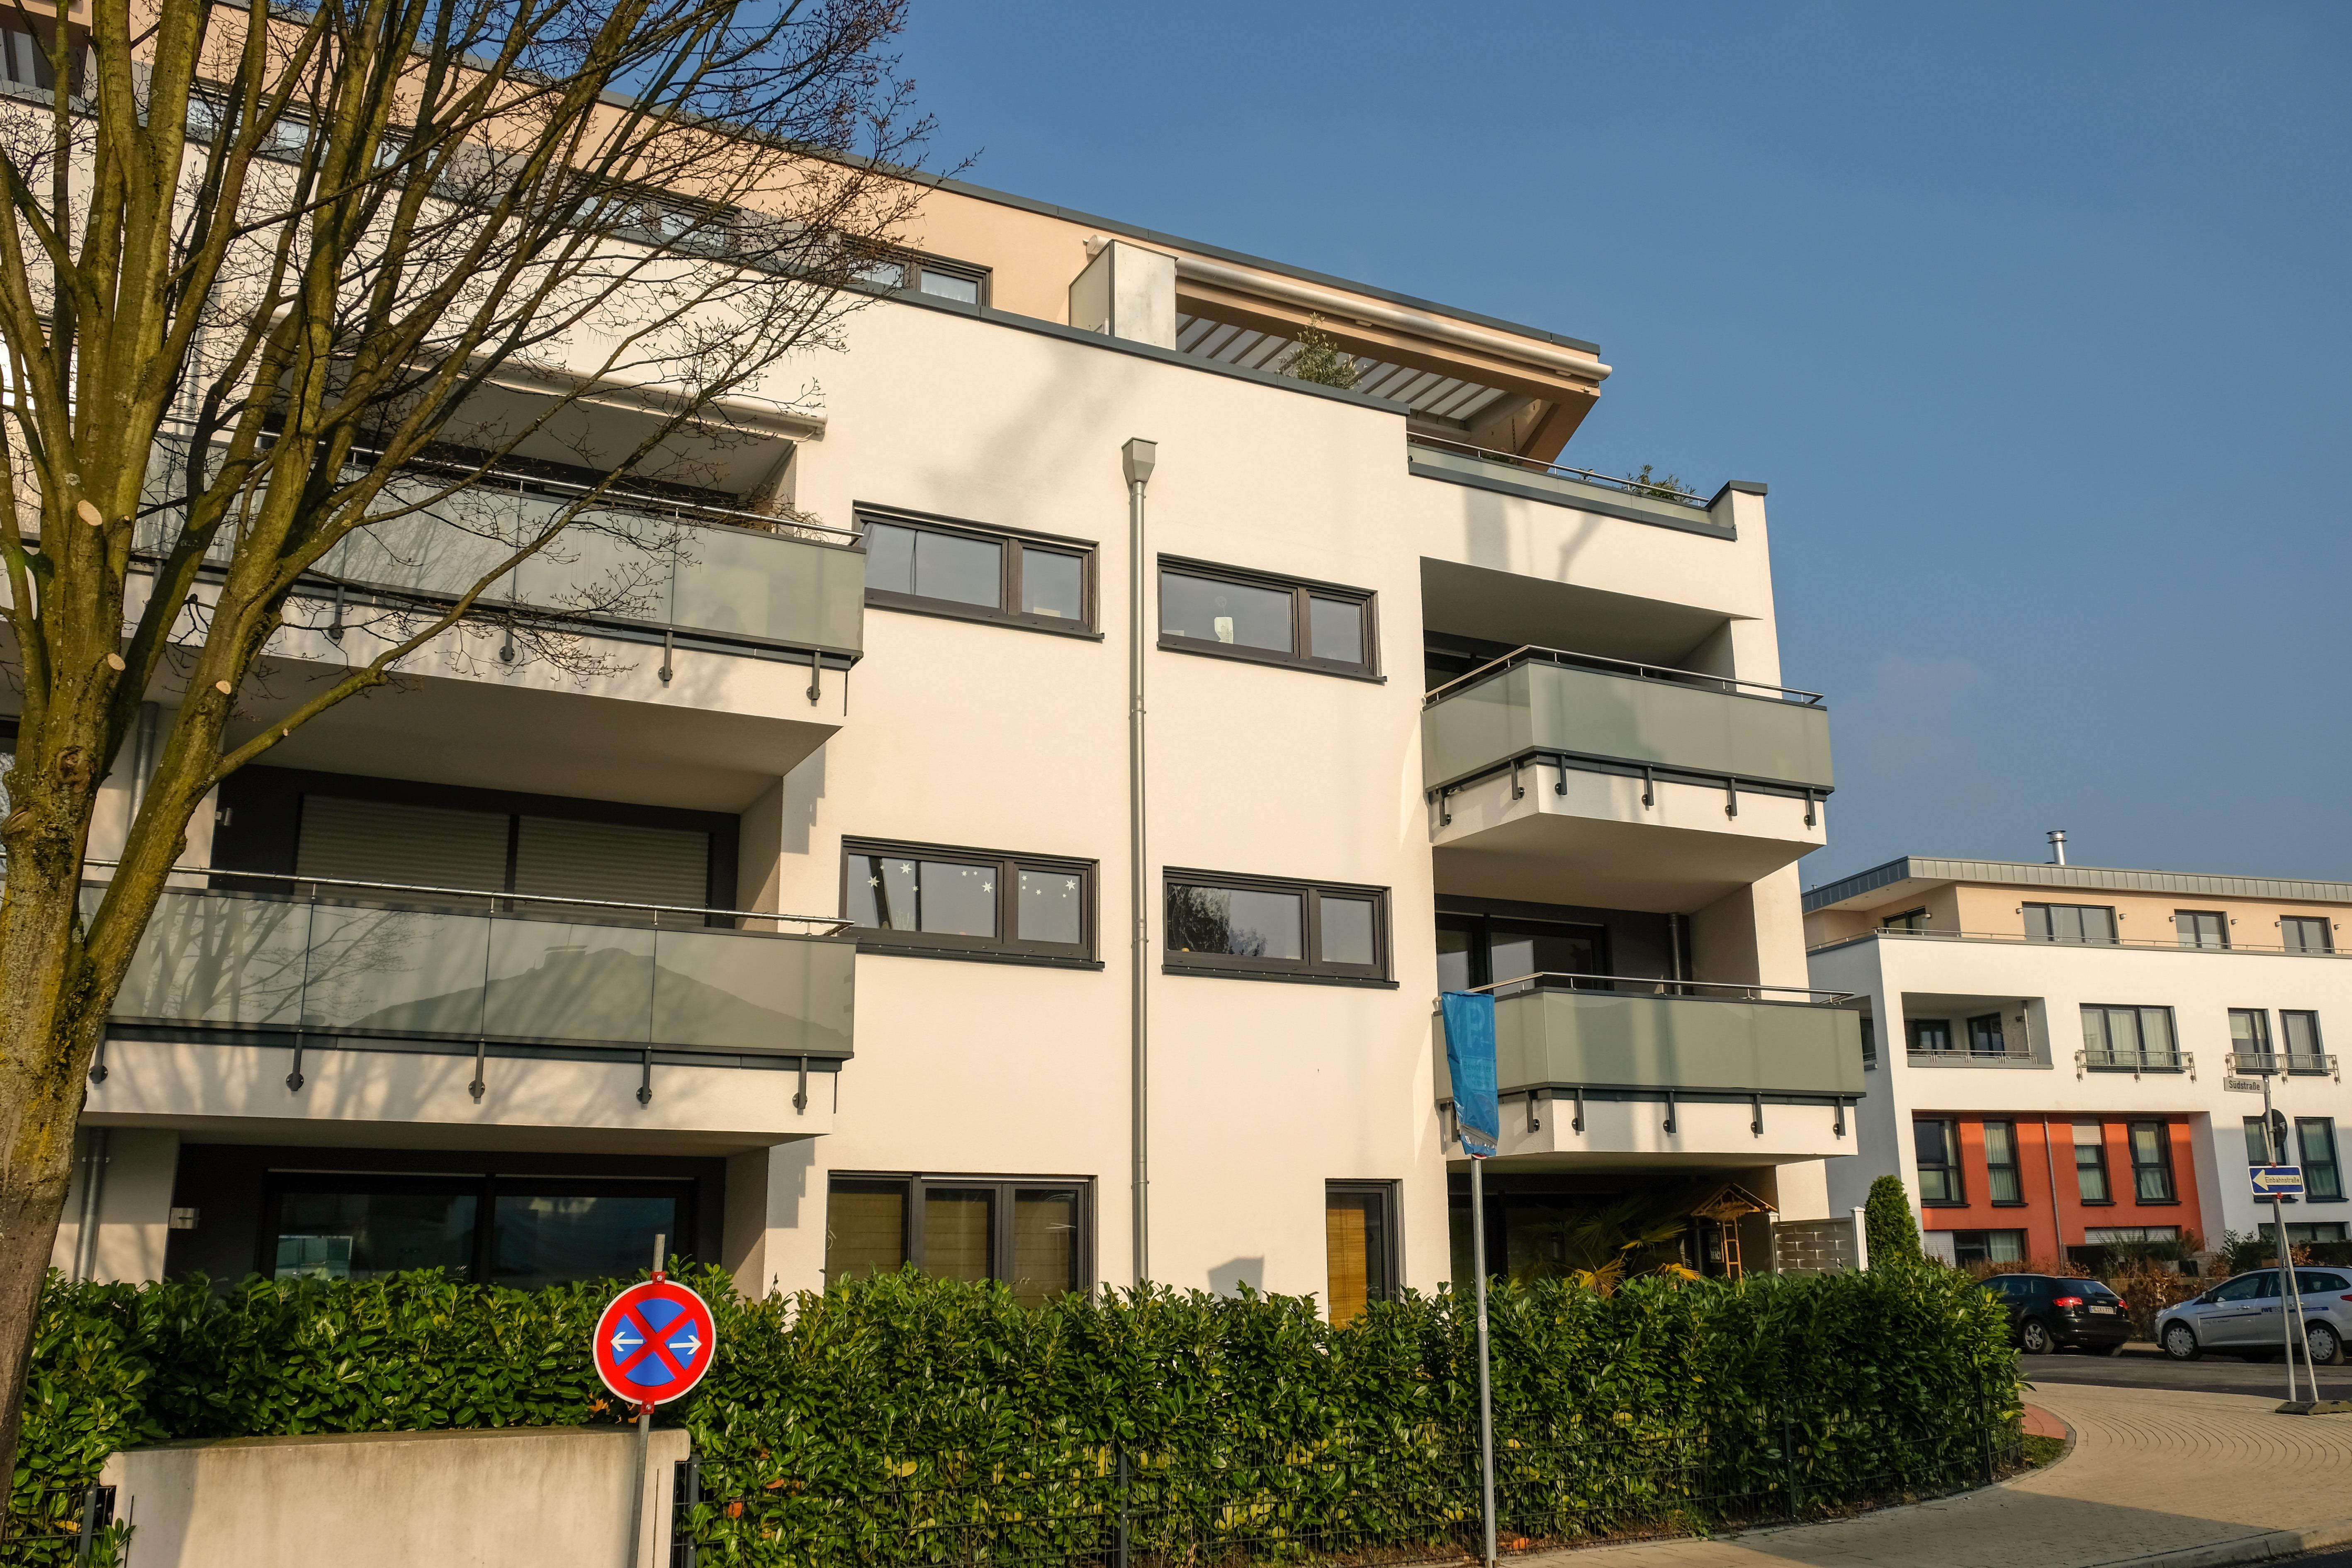 Südstrasse / Heiligenstrasse, Hilden